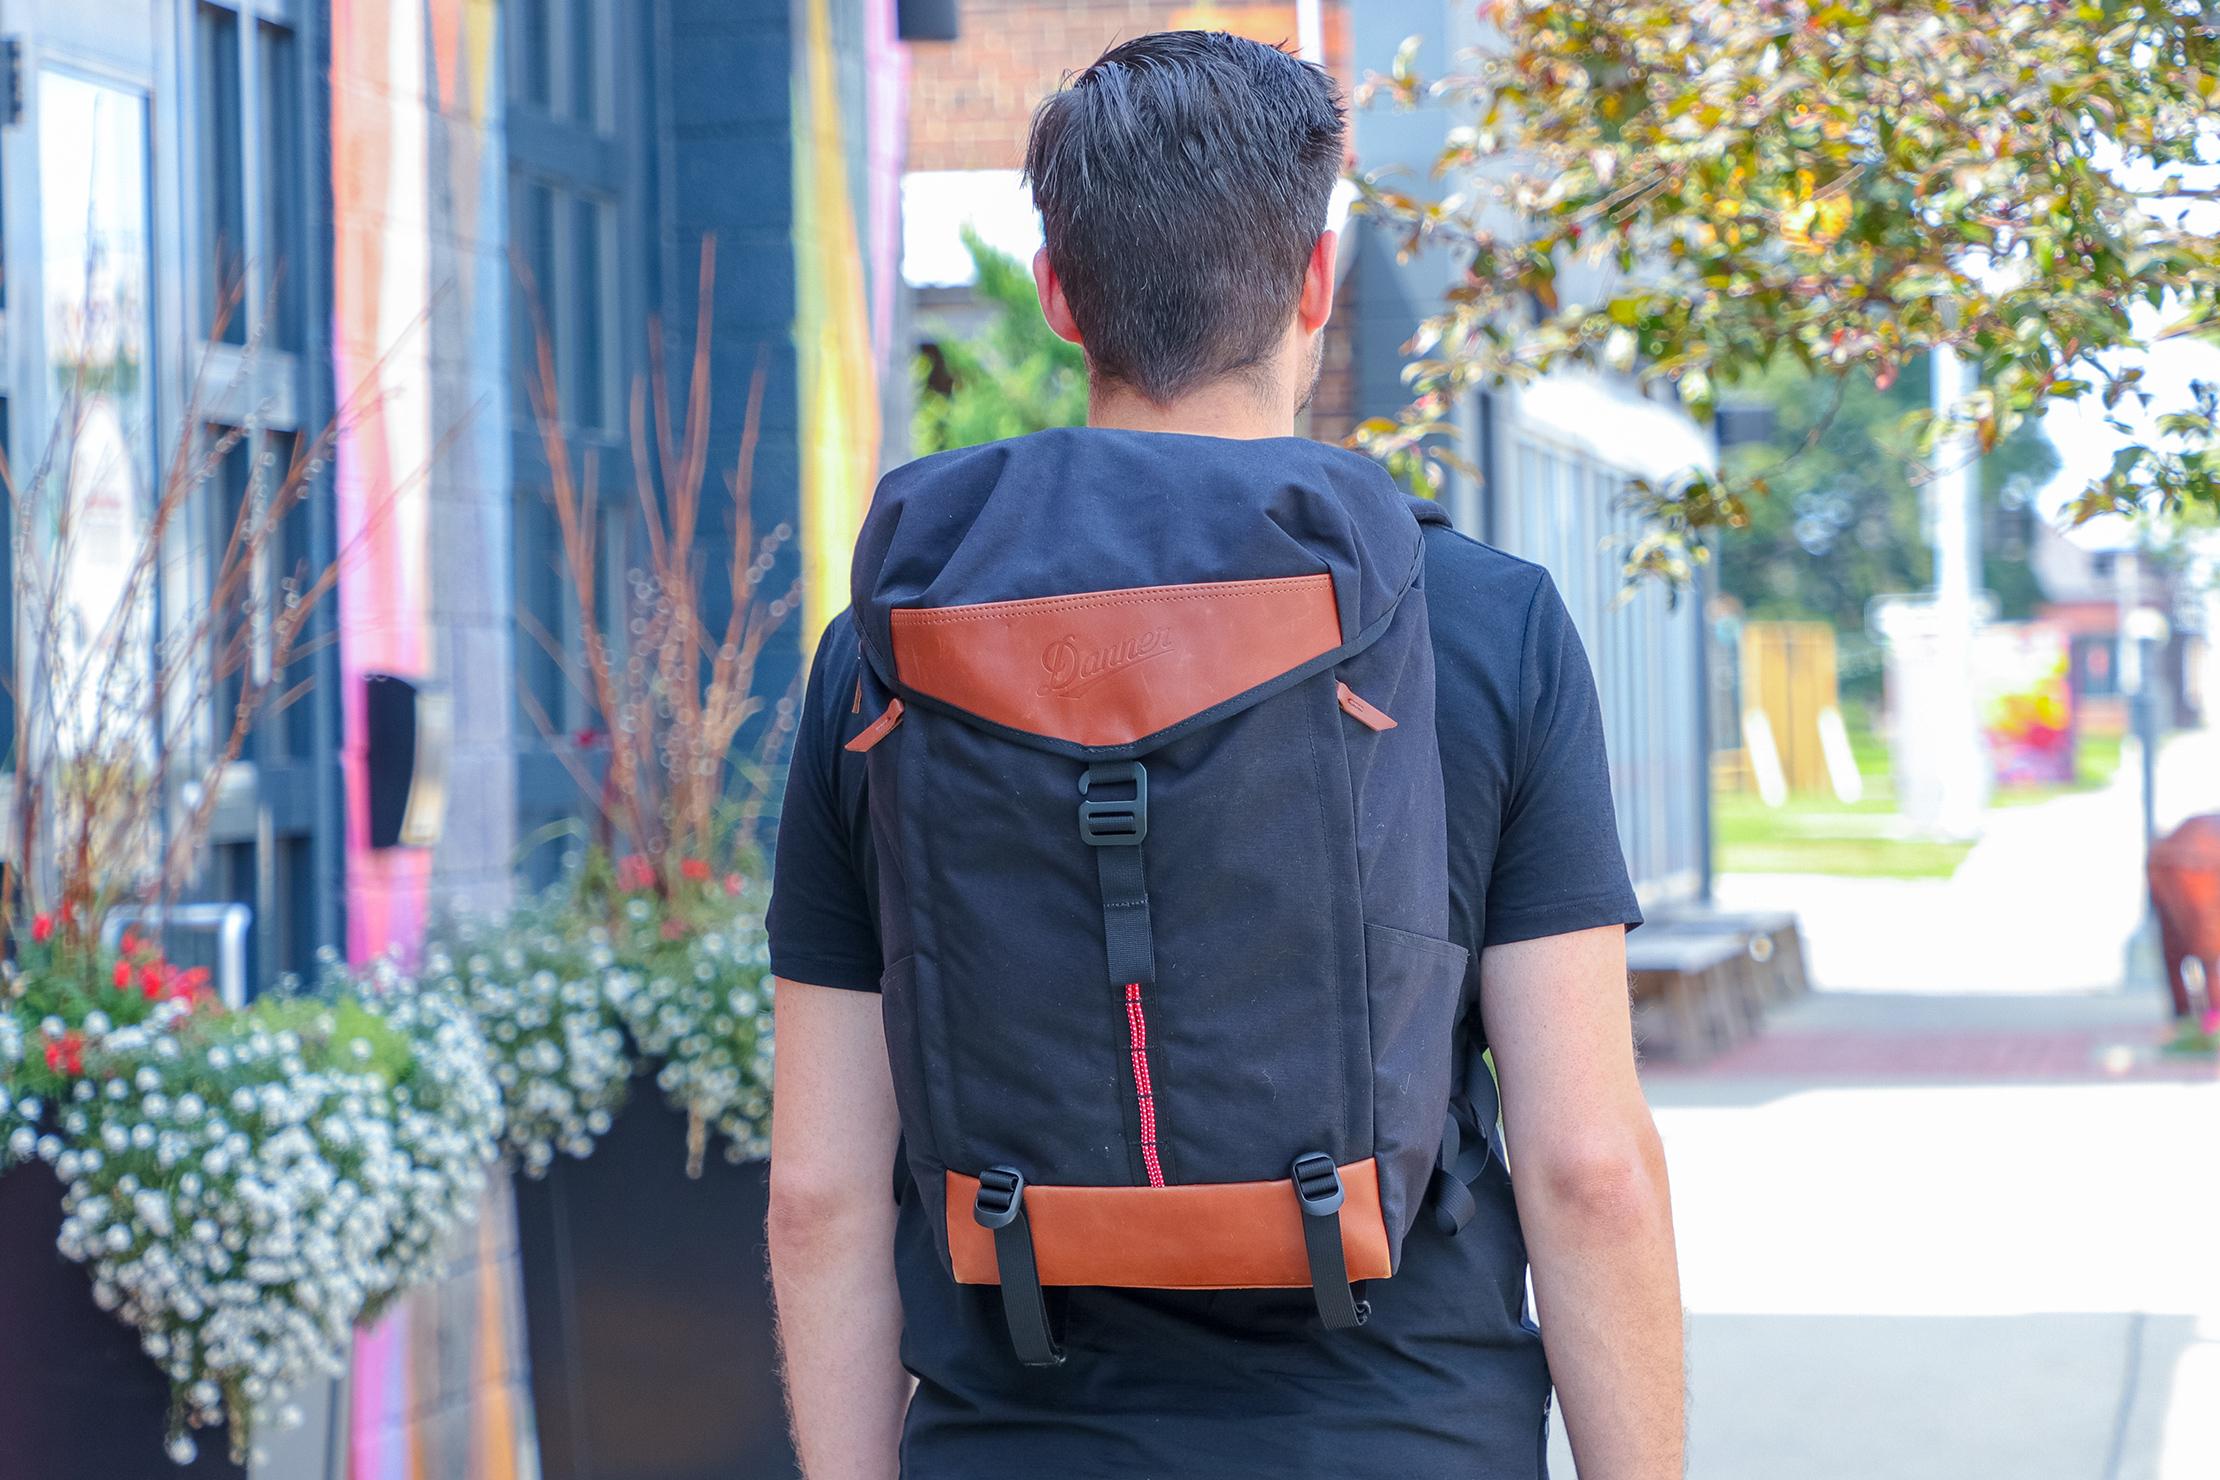 Danner 26L Daypack Usage 3